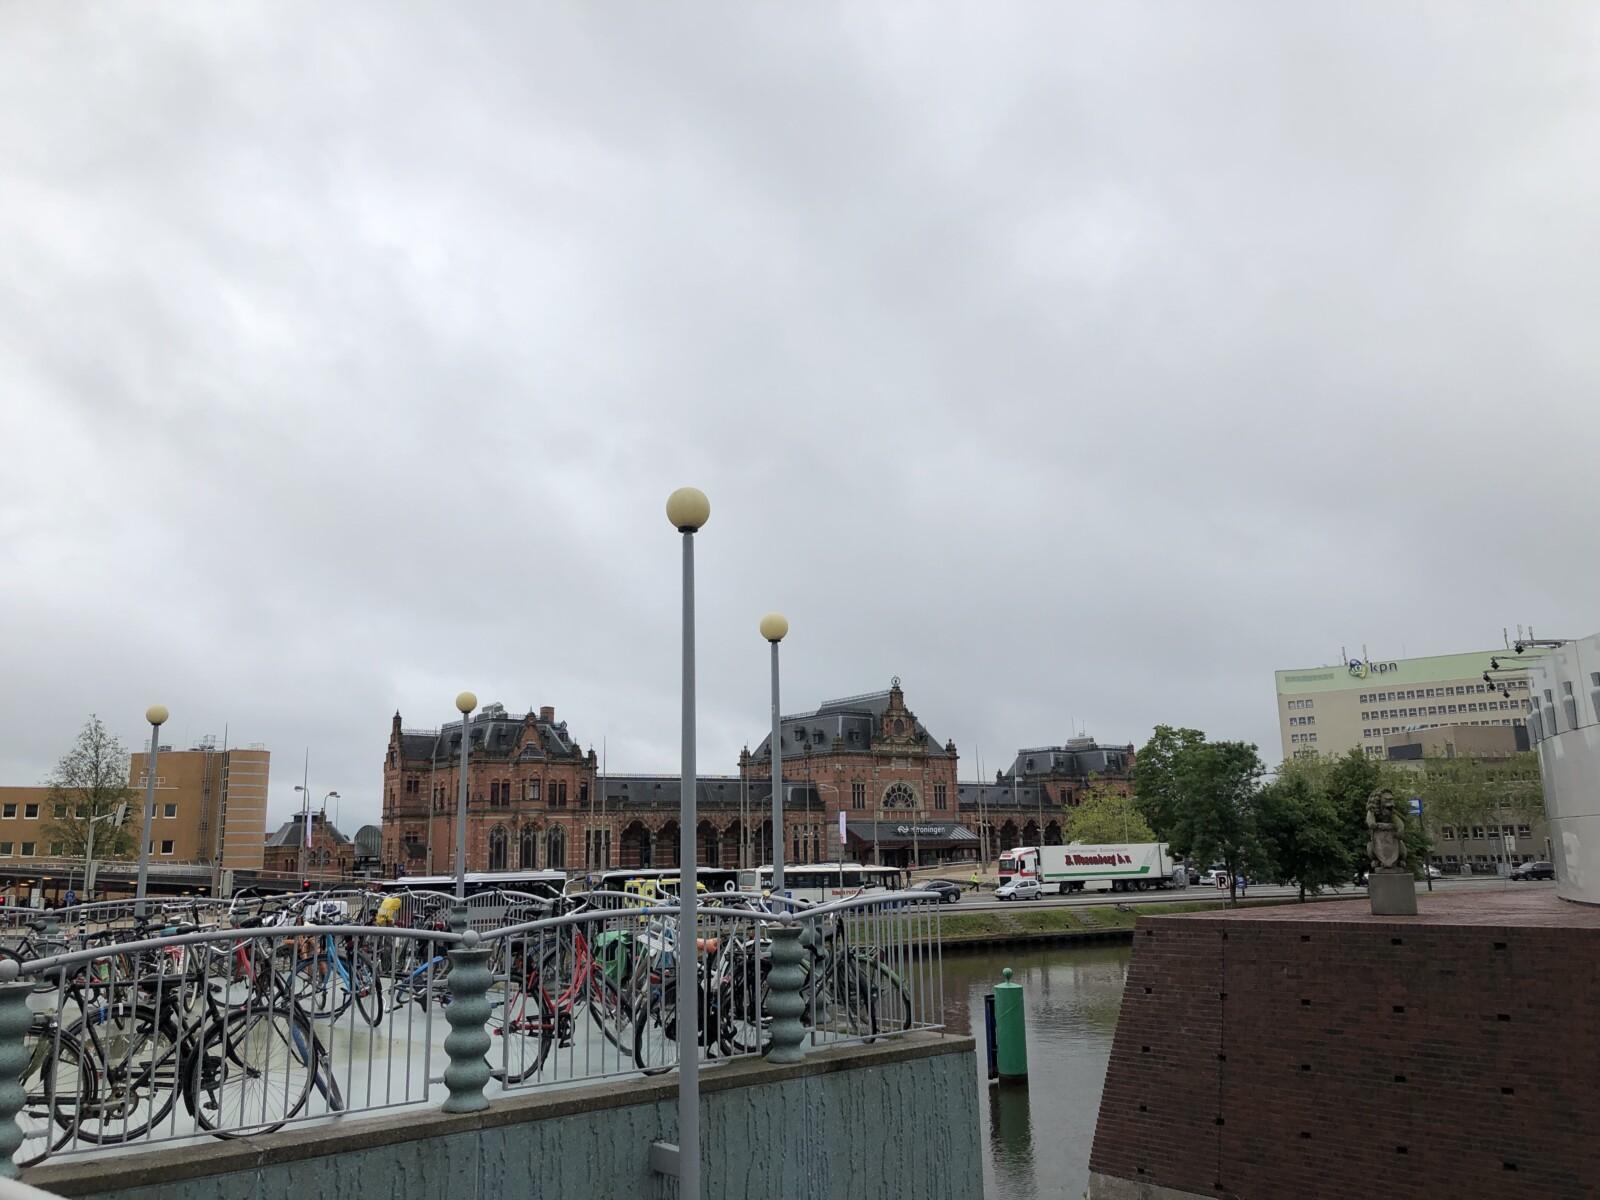 Museumbezoek in Groningen